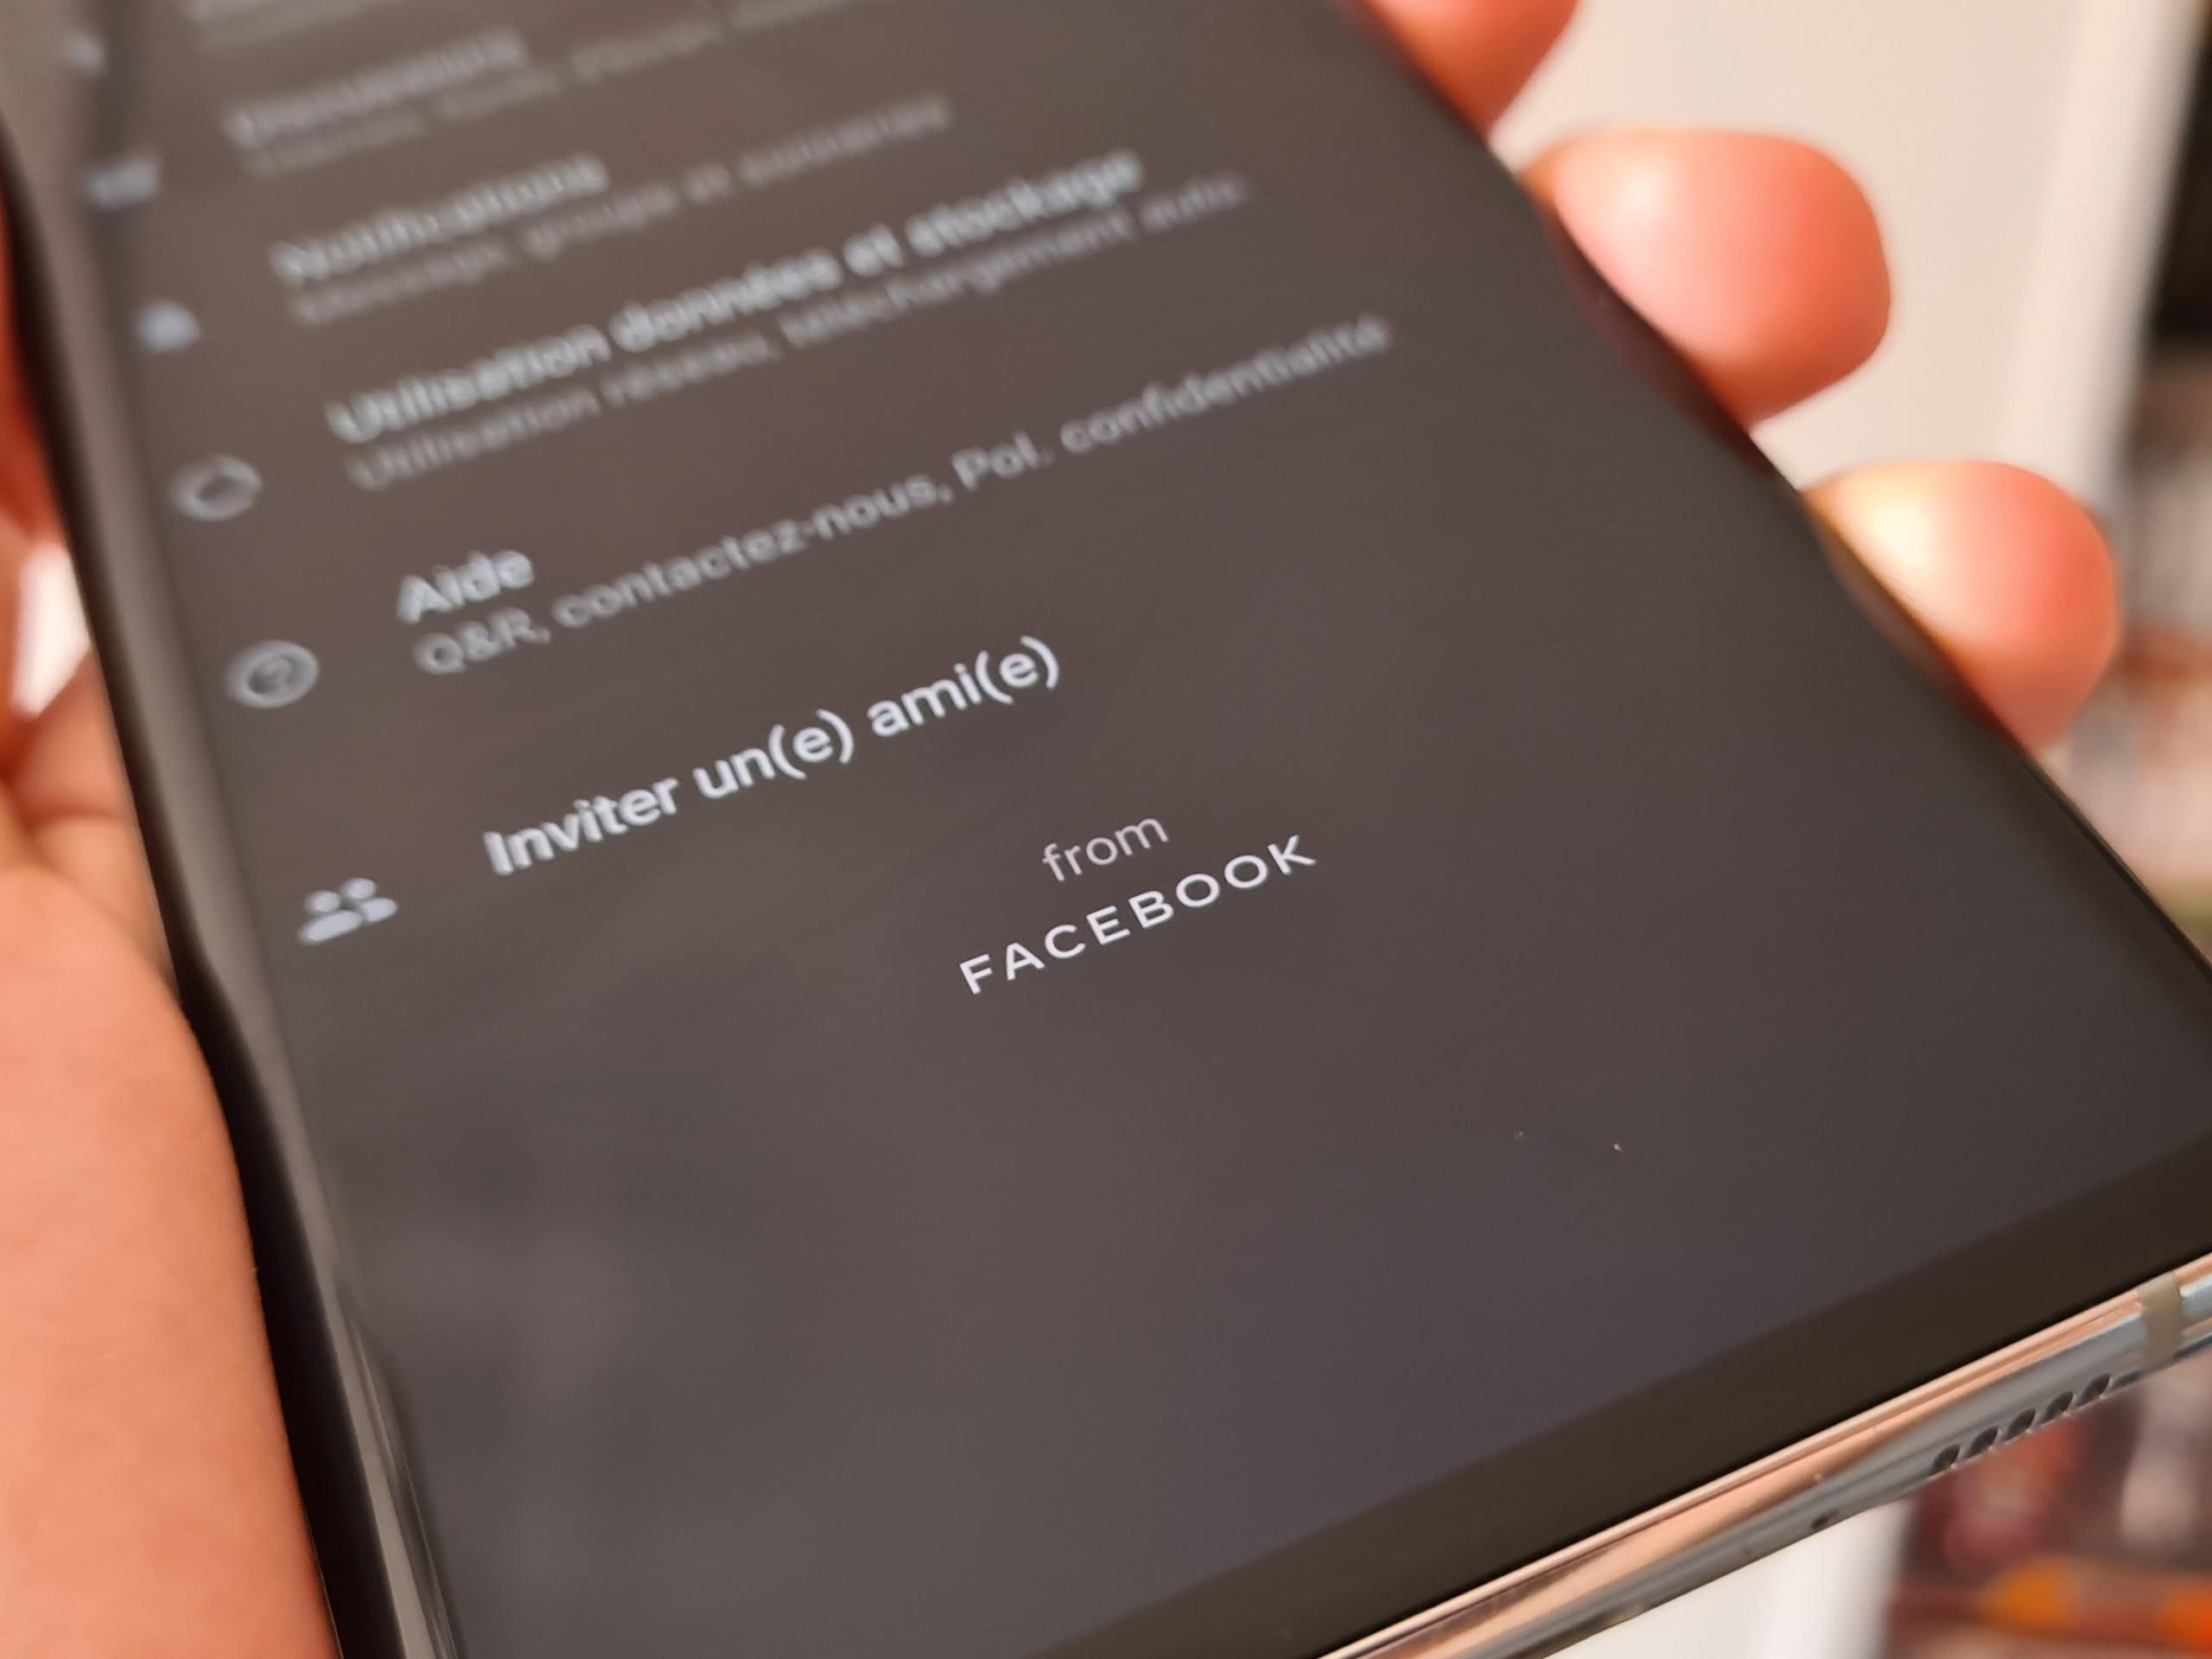 Données exploitées par WhatsApp, Renault 4L électrique et MIUI 12 goûte à Android 11 – Tech'spresso